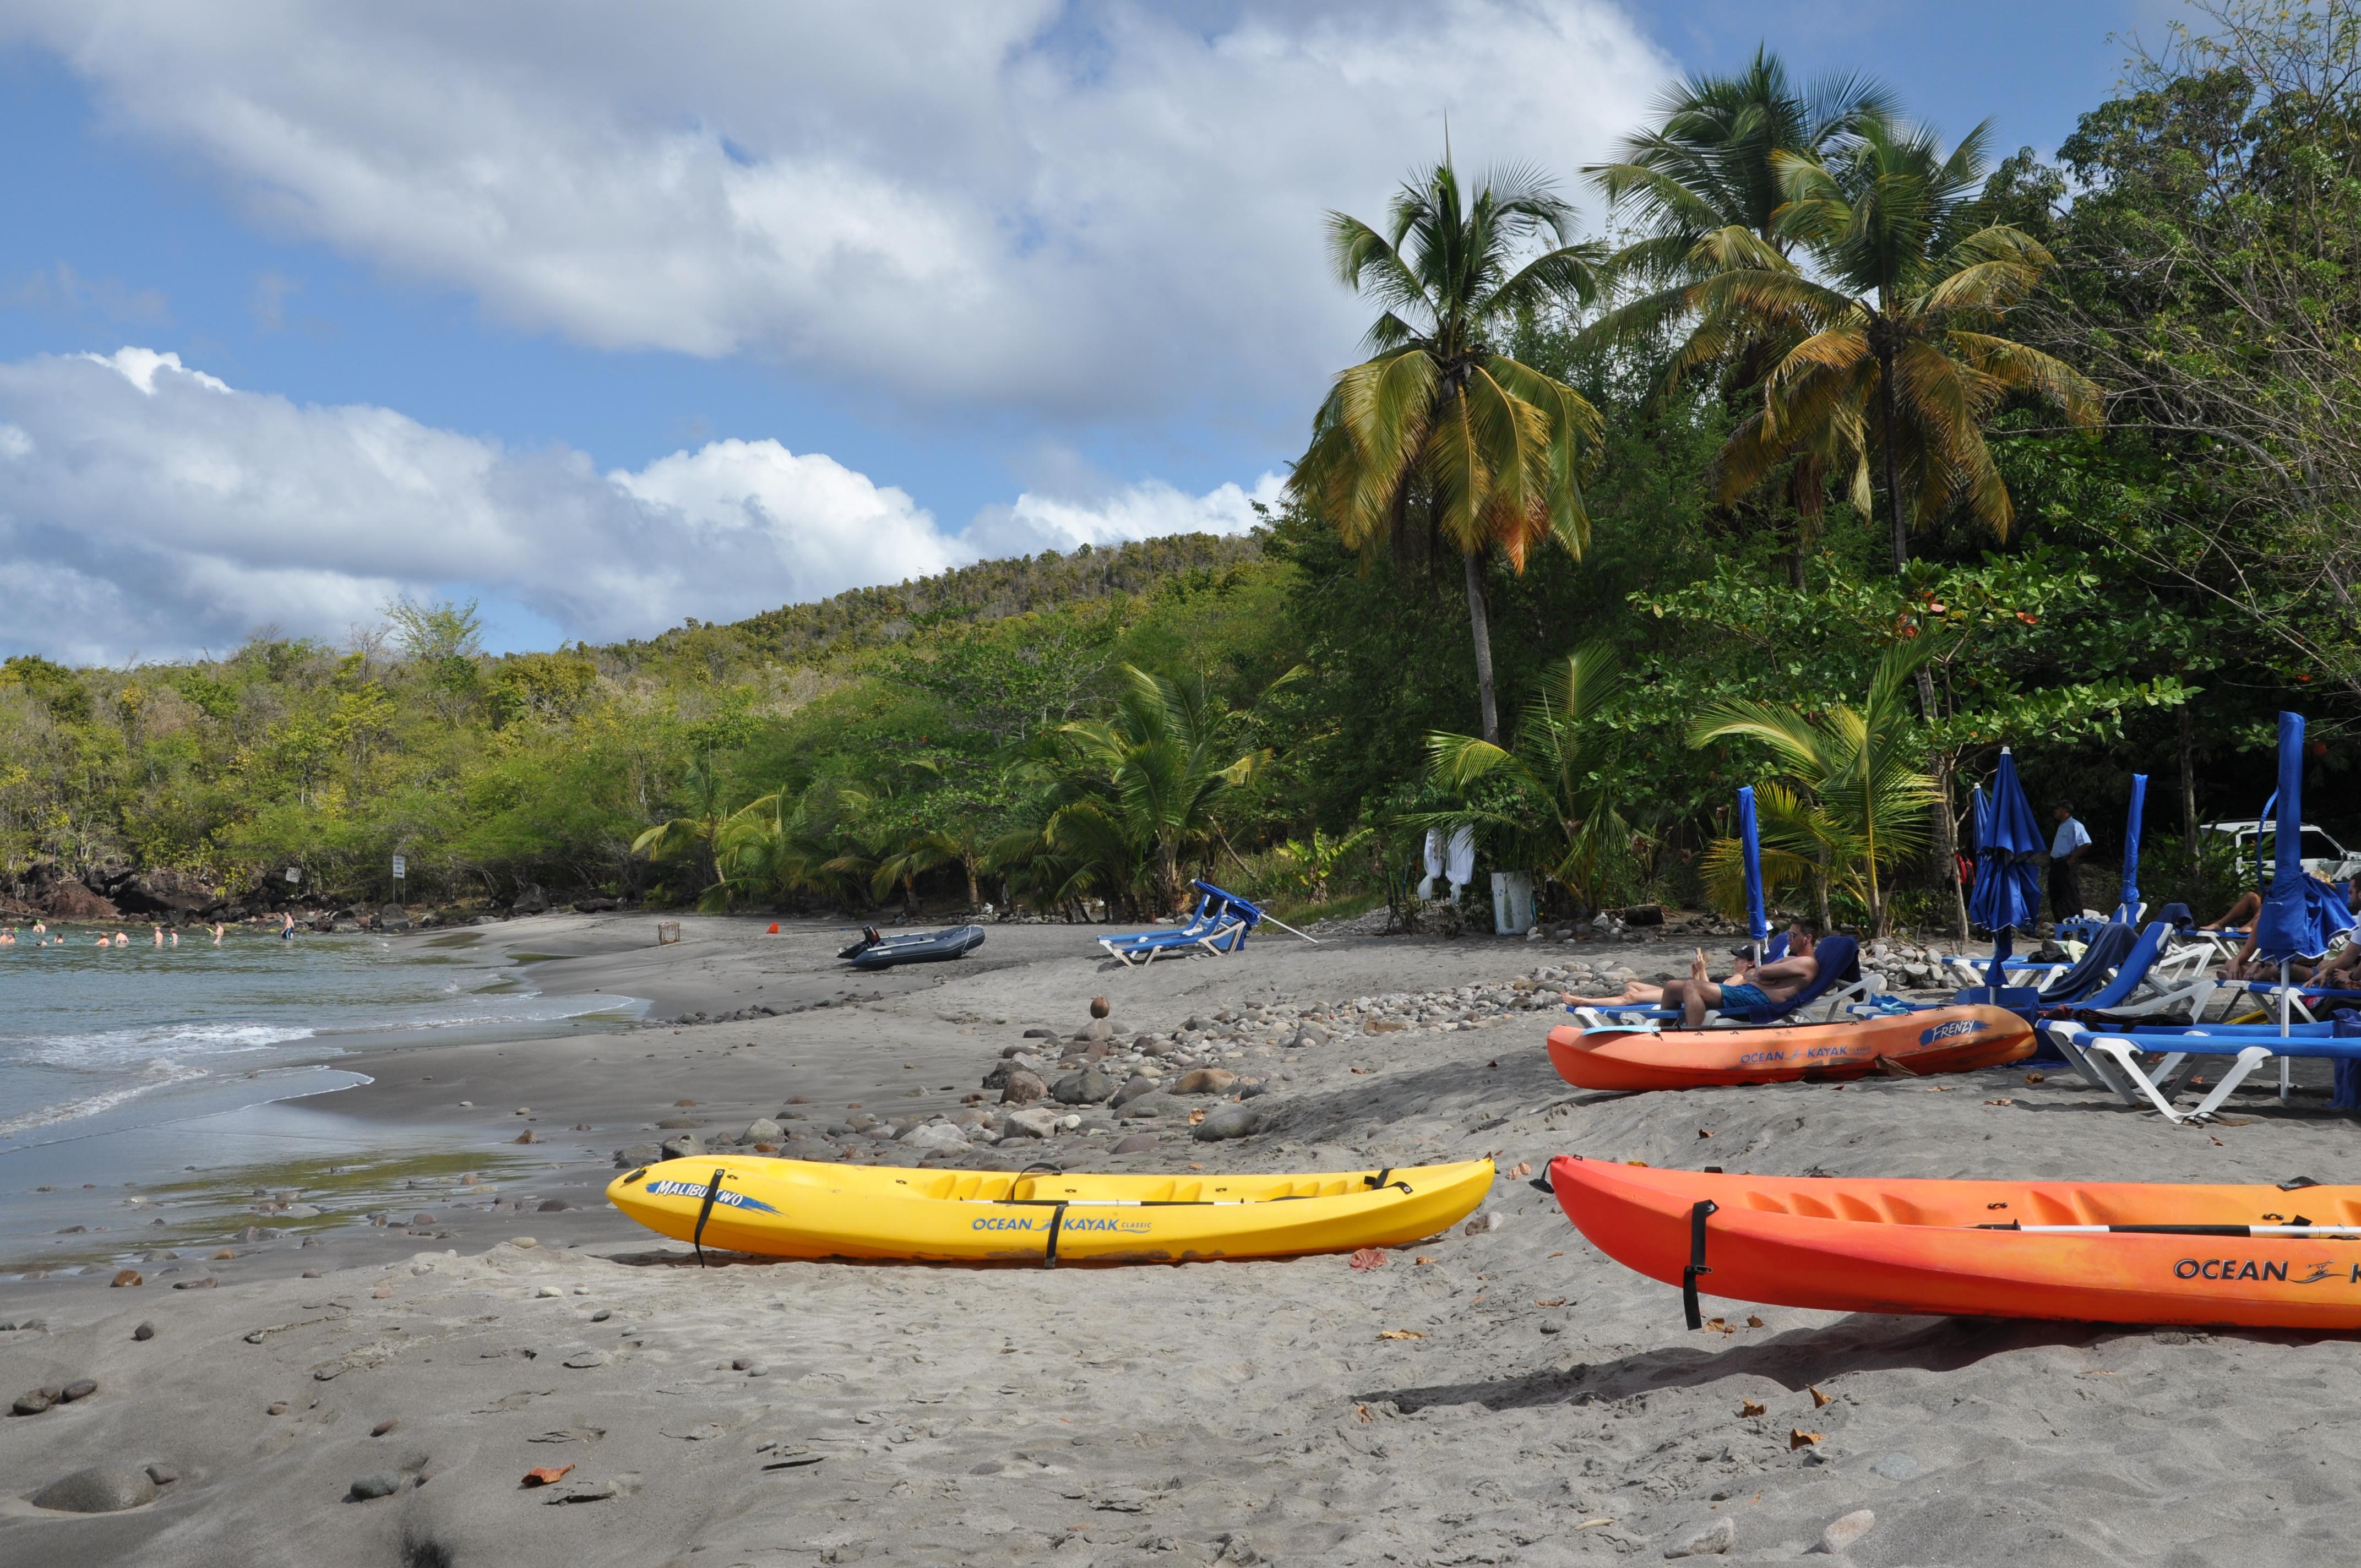 niedzielne plażowanie w Anse Cochon (St.Lucia)